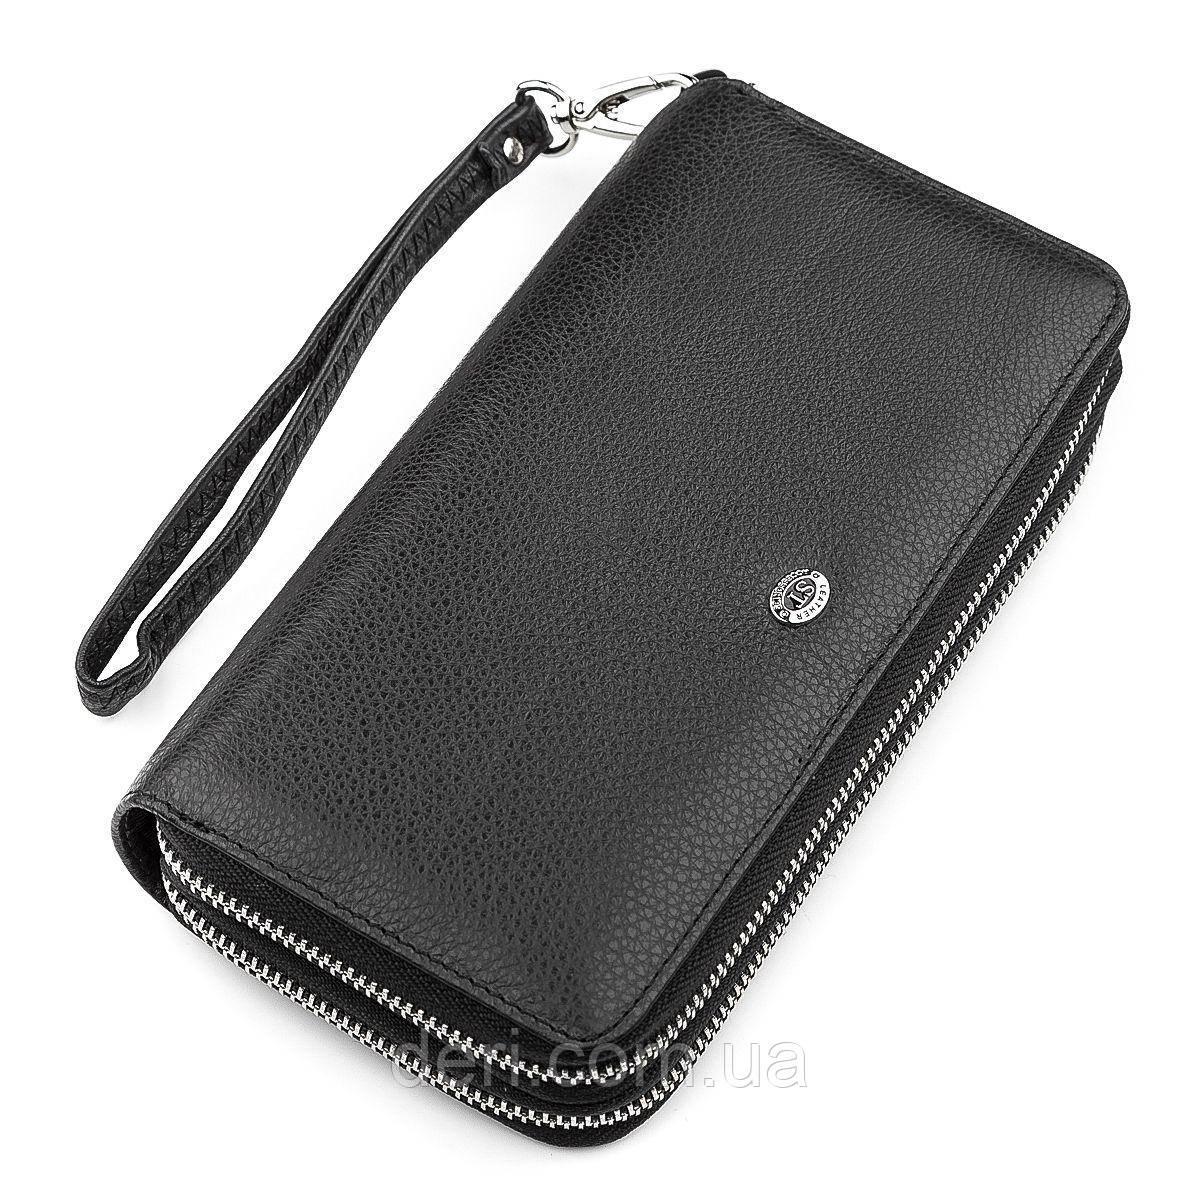 Мужской кошелек ST Leather 18451 (ST127) натуральная кожа Черный, Черный